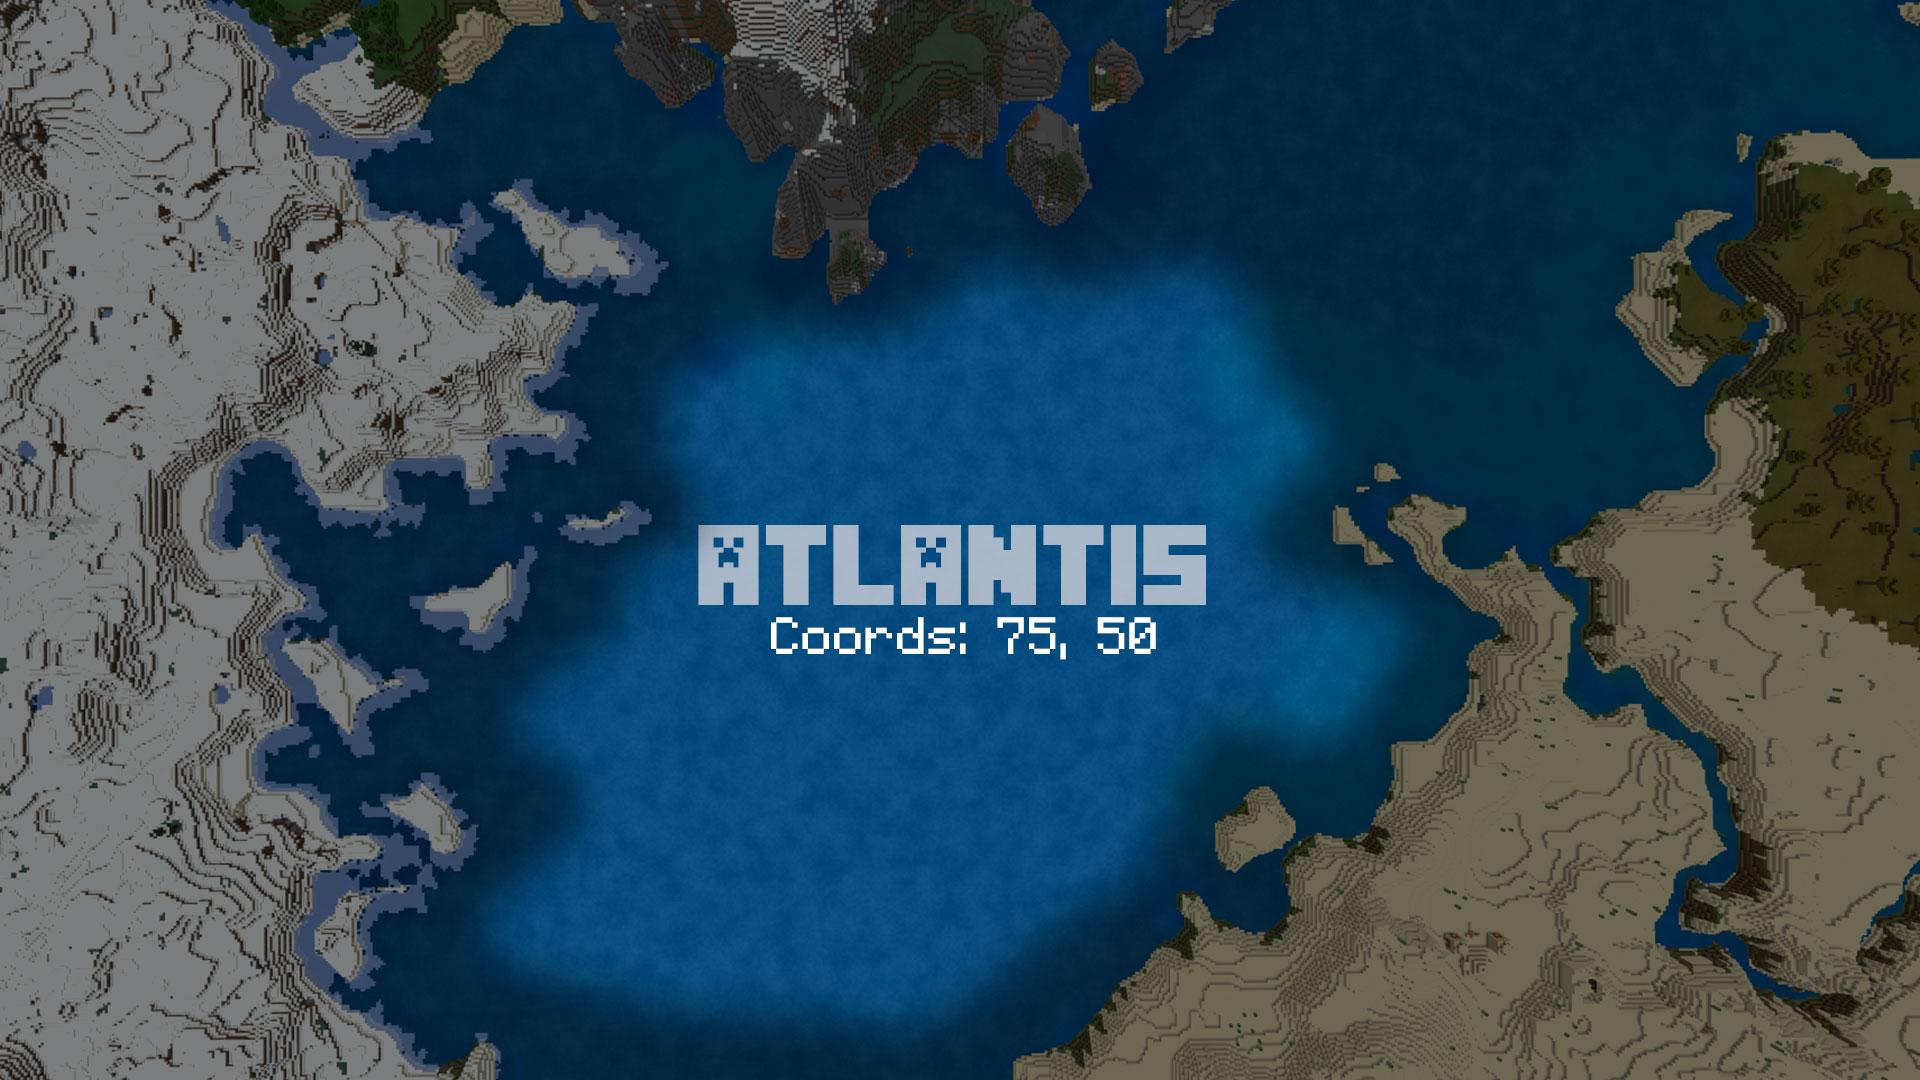 Season 1 Atlantis